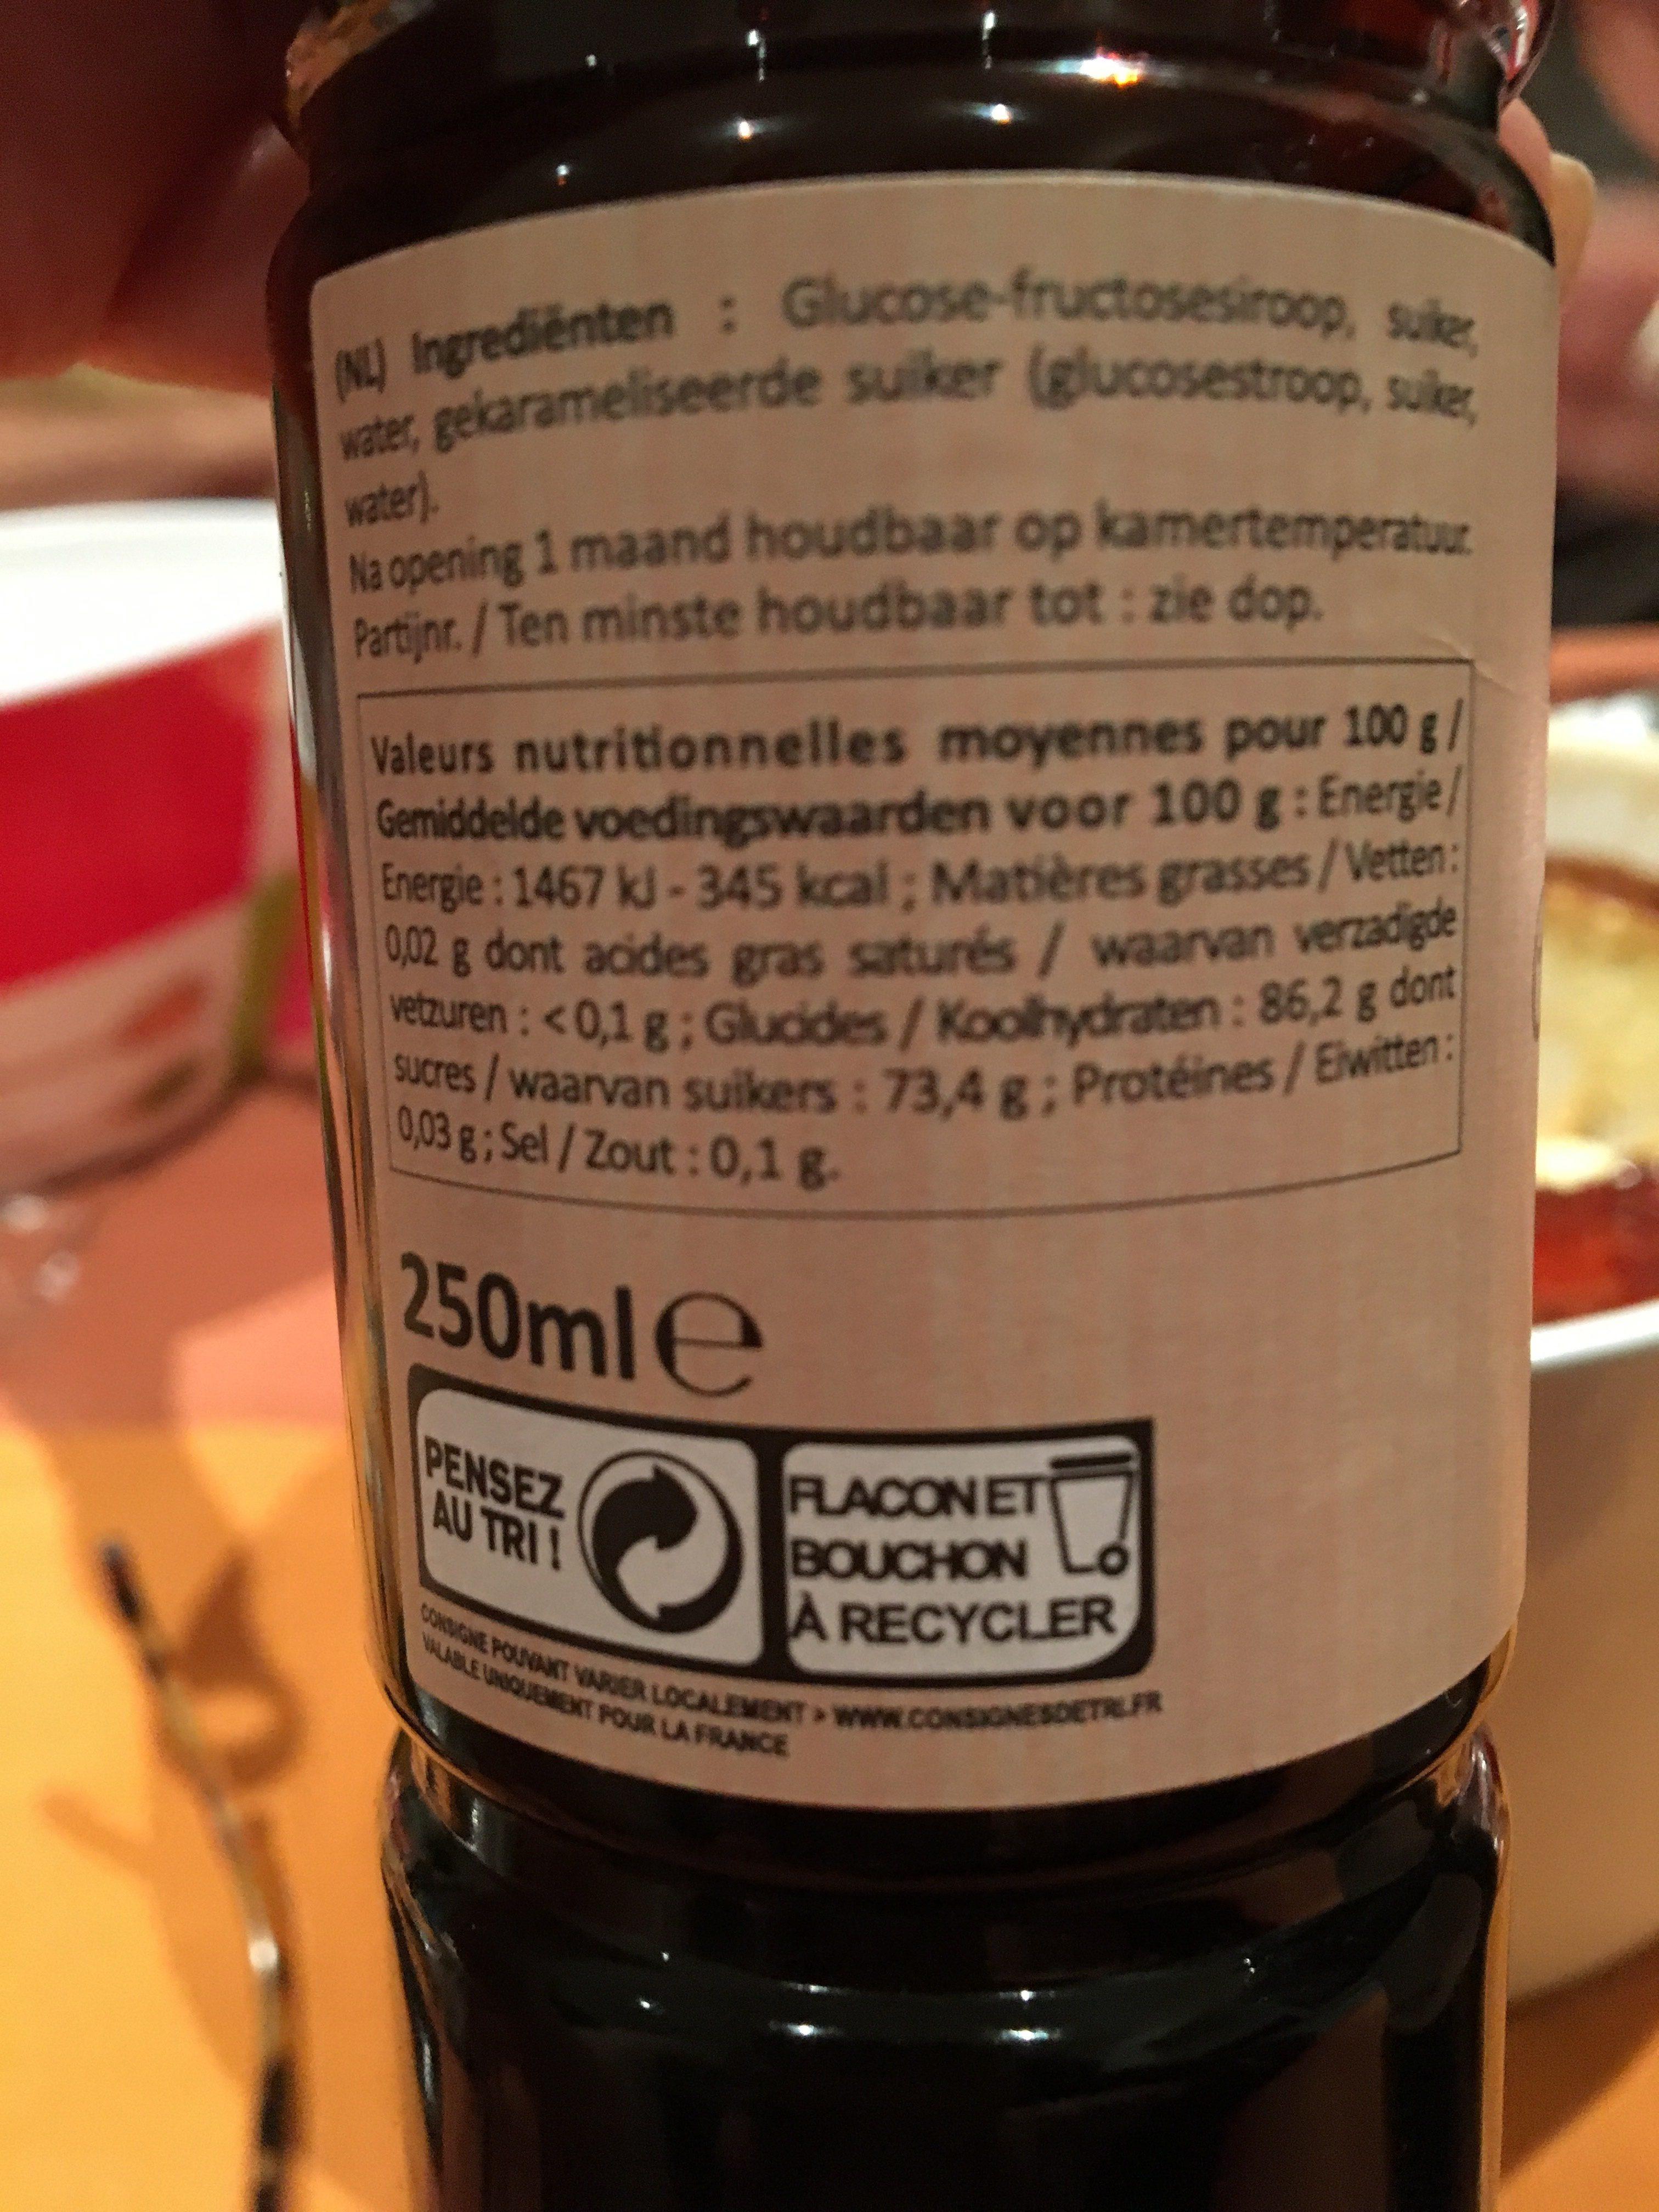 La patelière Caramel liquide La bouteille de - Ingrédients - fr